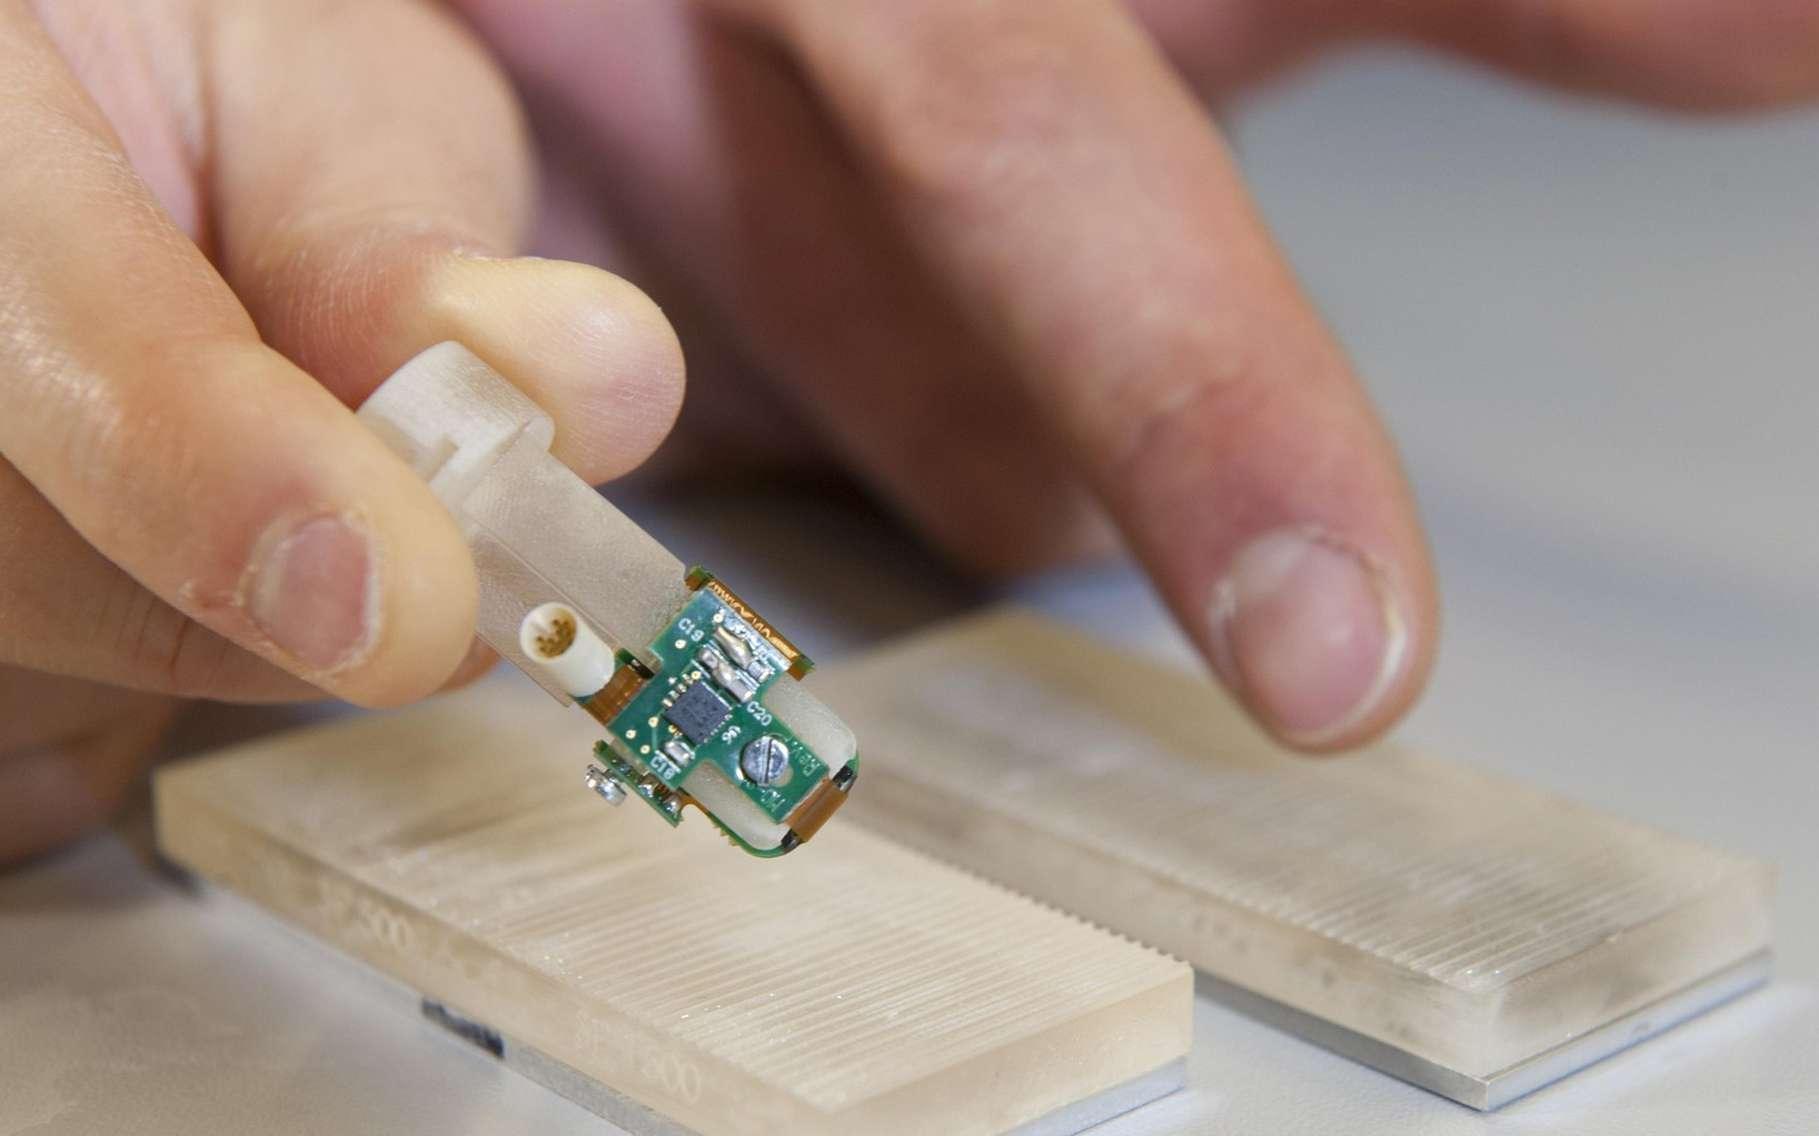 L'index bionique mis au point à l'École polytechnique fédérale de Lausanne. Il a été testé avec succès sur une personne amputée et sur des volontaires valides. © EPFL